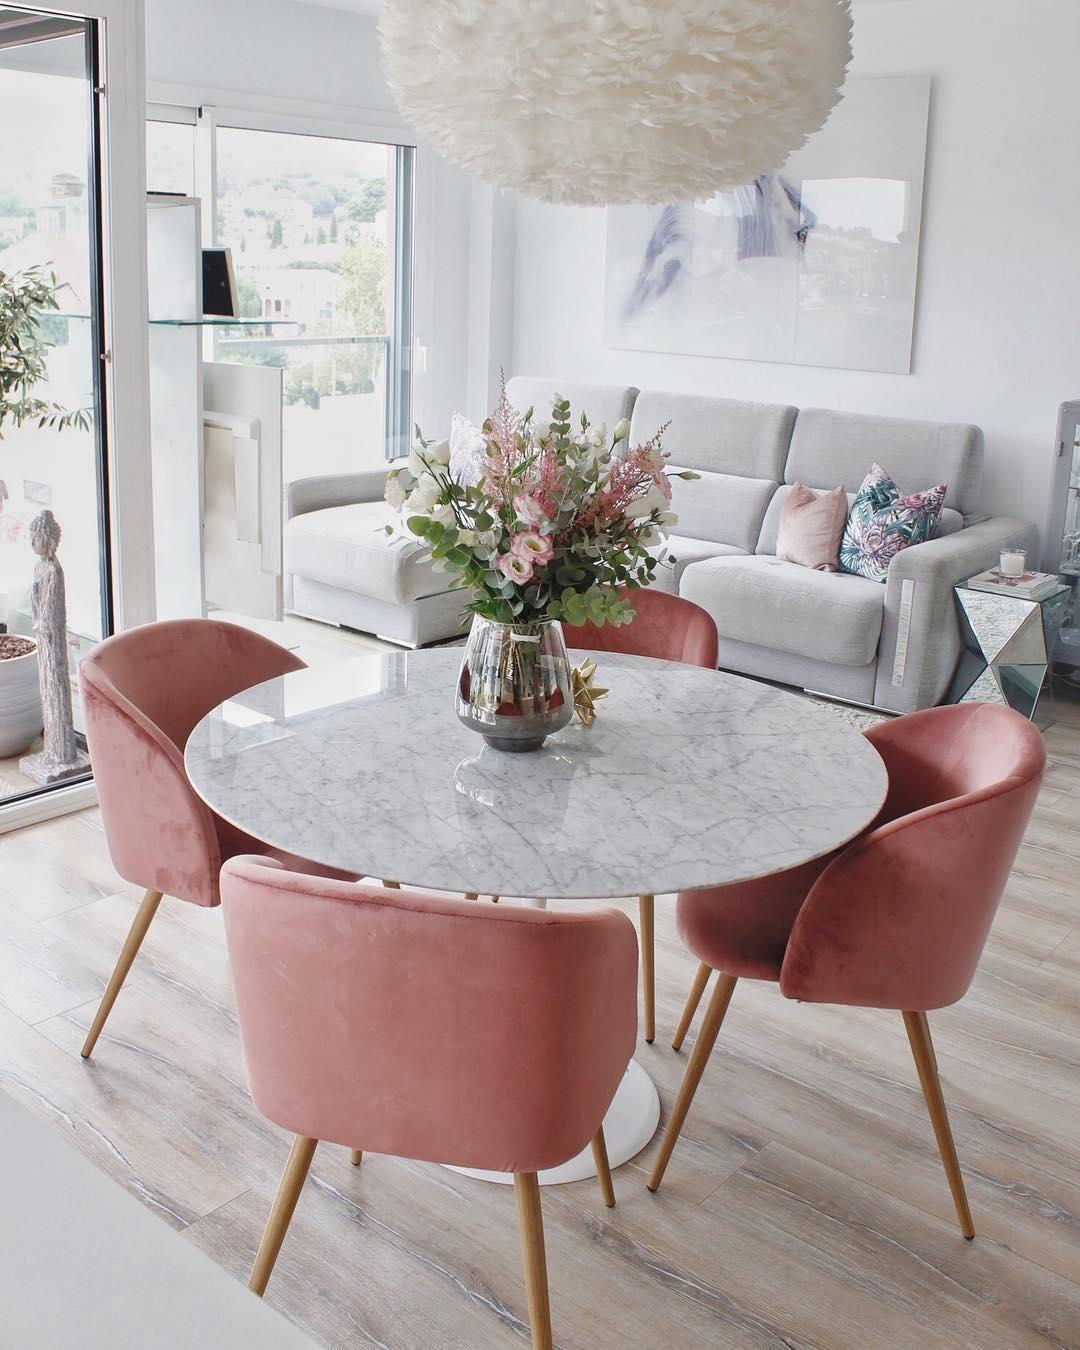 Esstisch ideen einrichten marmoresstisch antigua  interior styling  pinterest  room decor